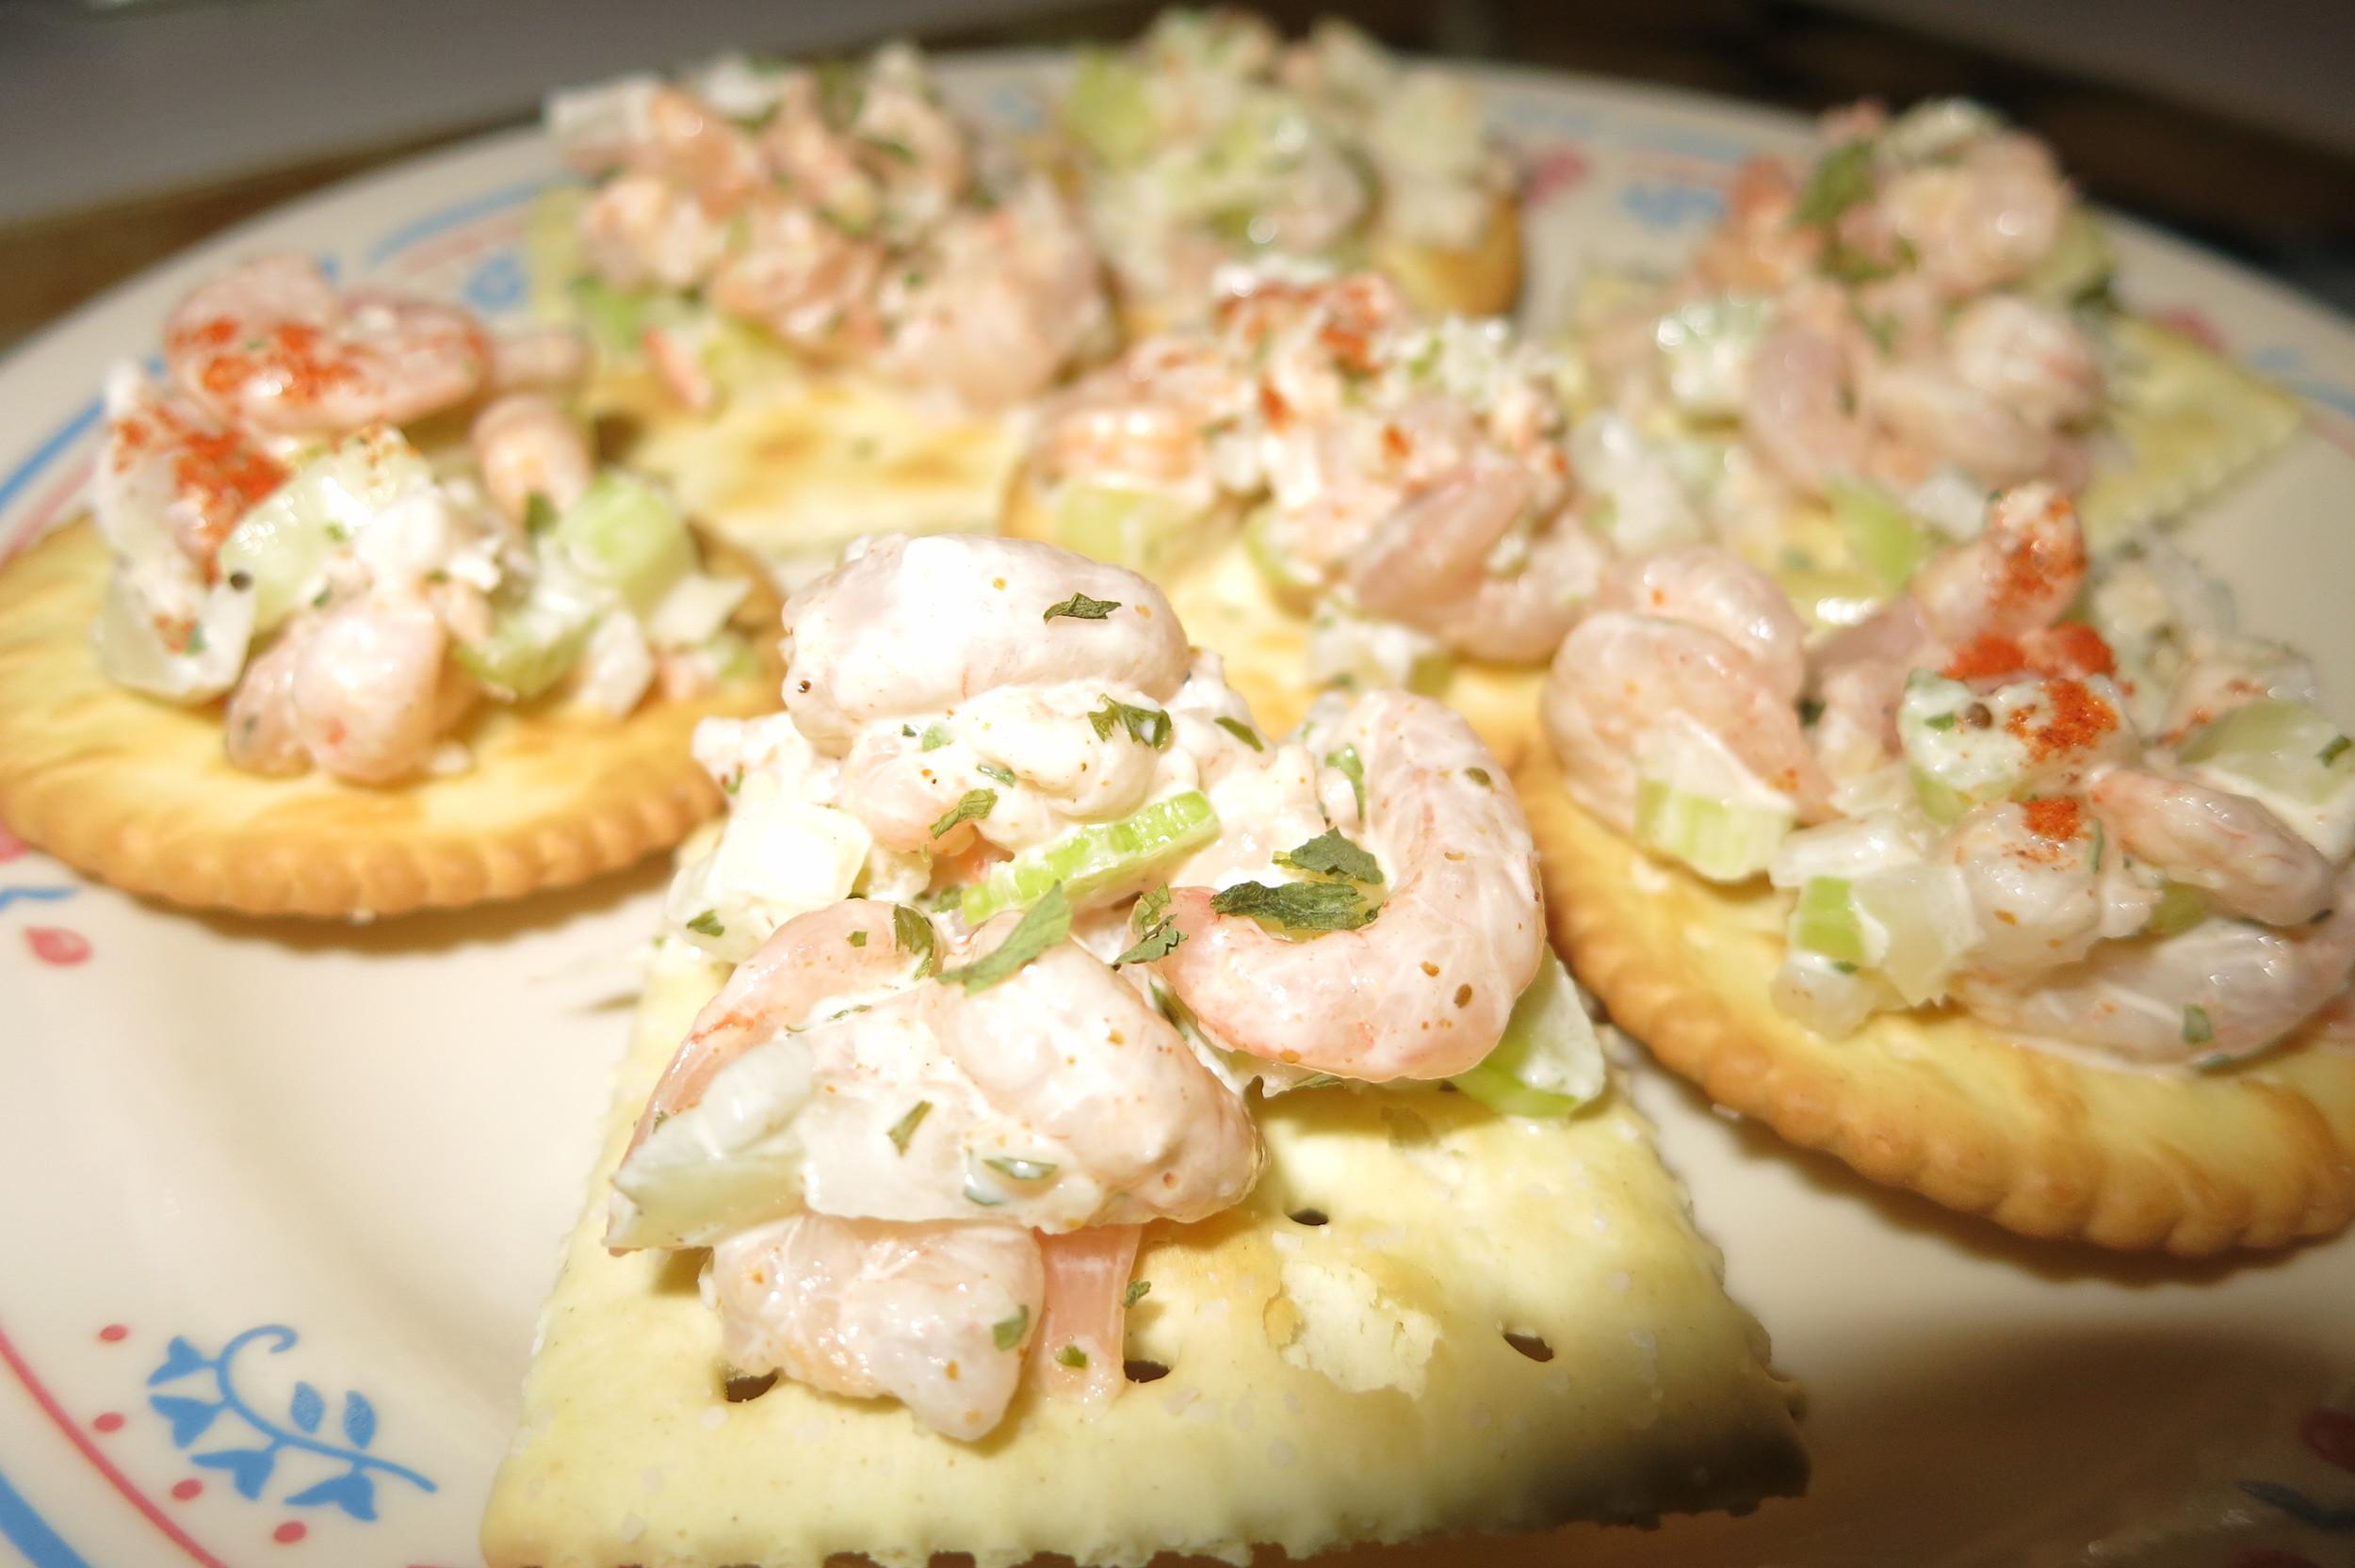 Sassy Shrimp Salad